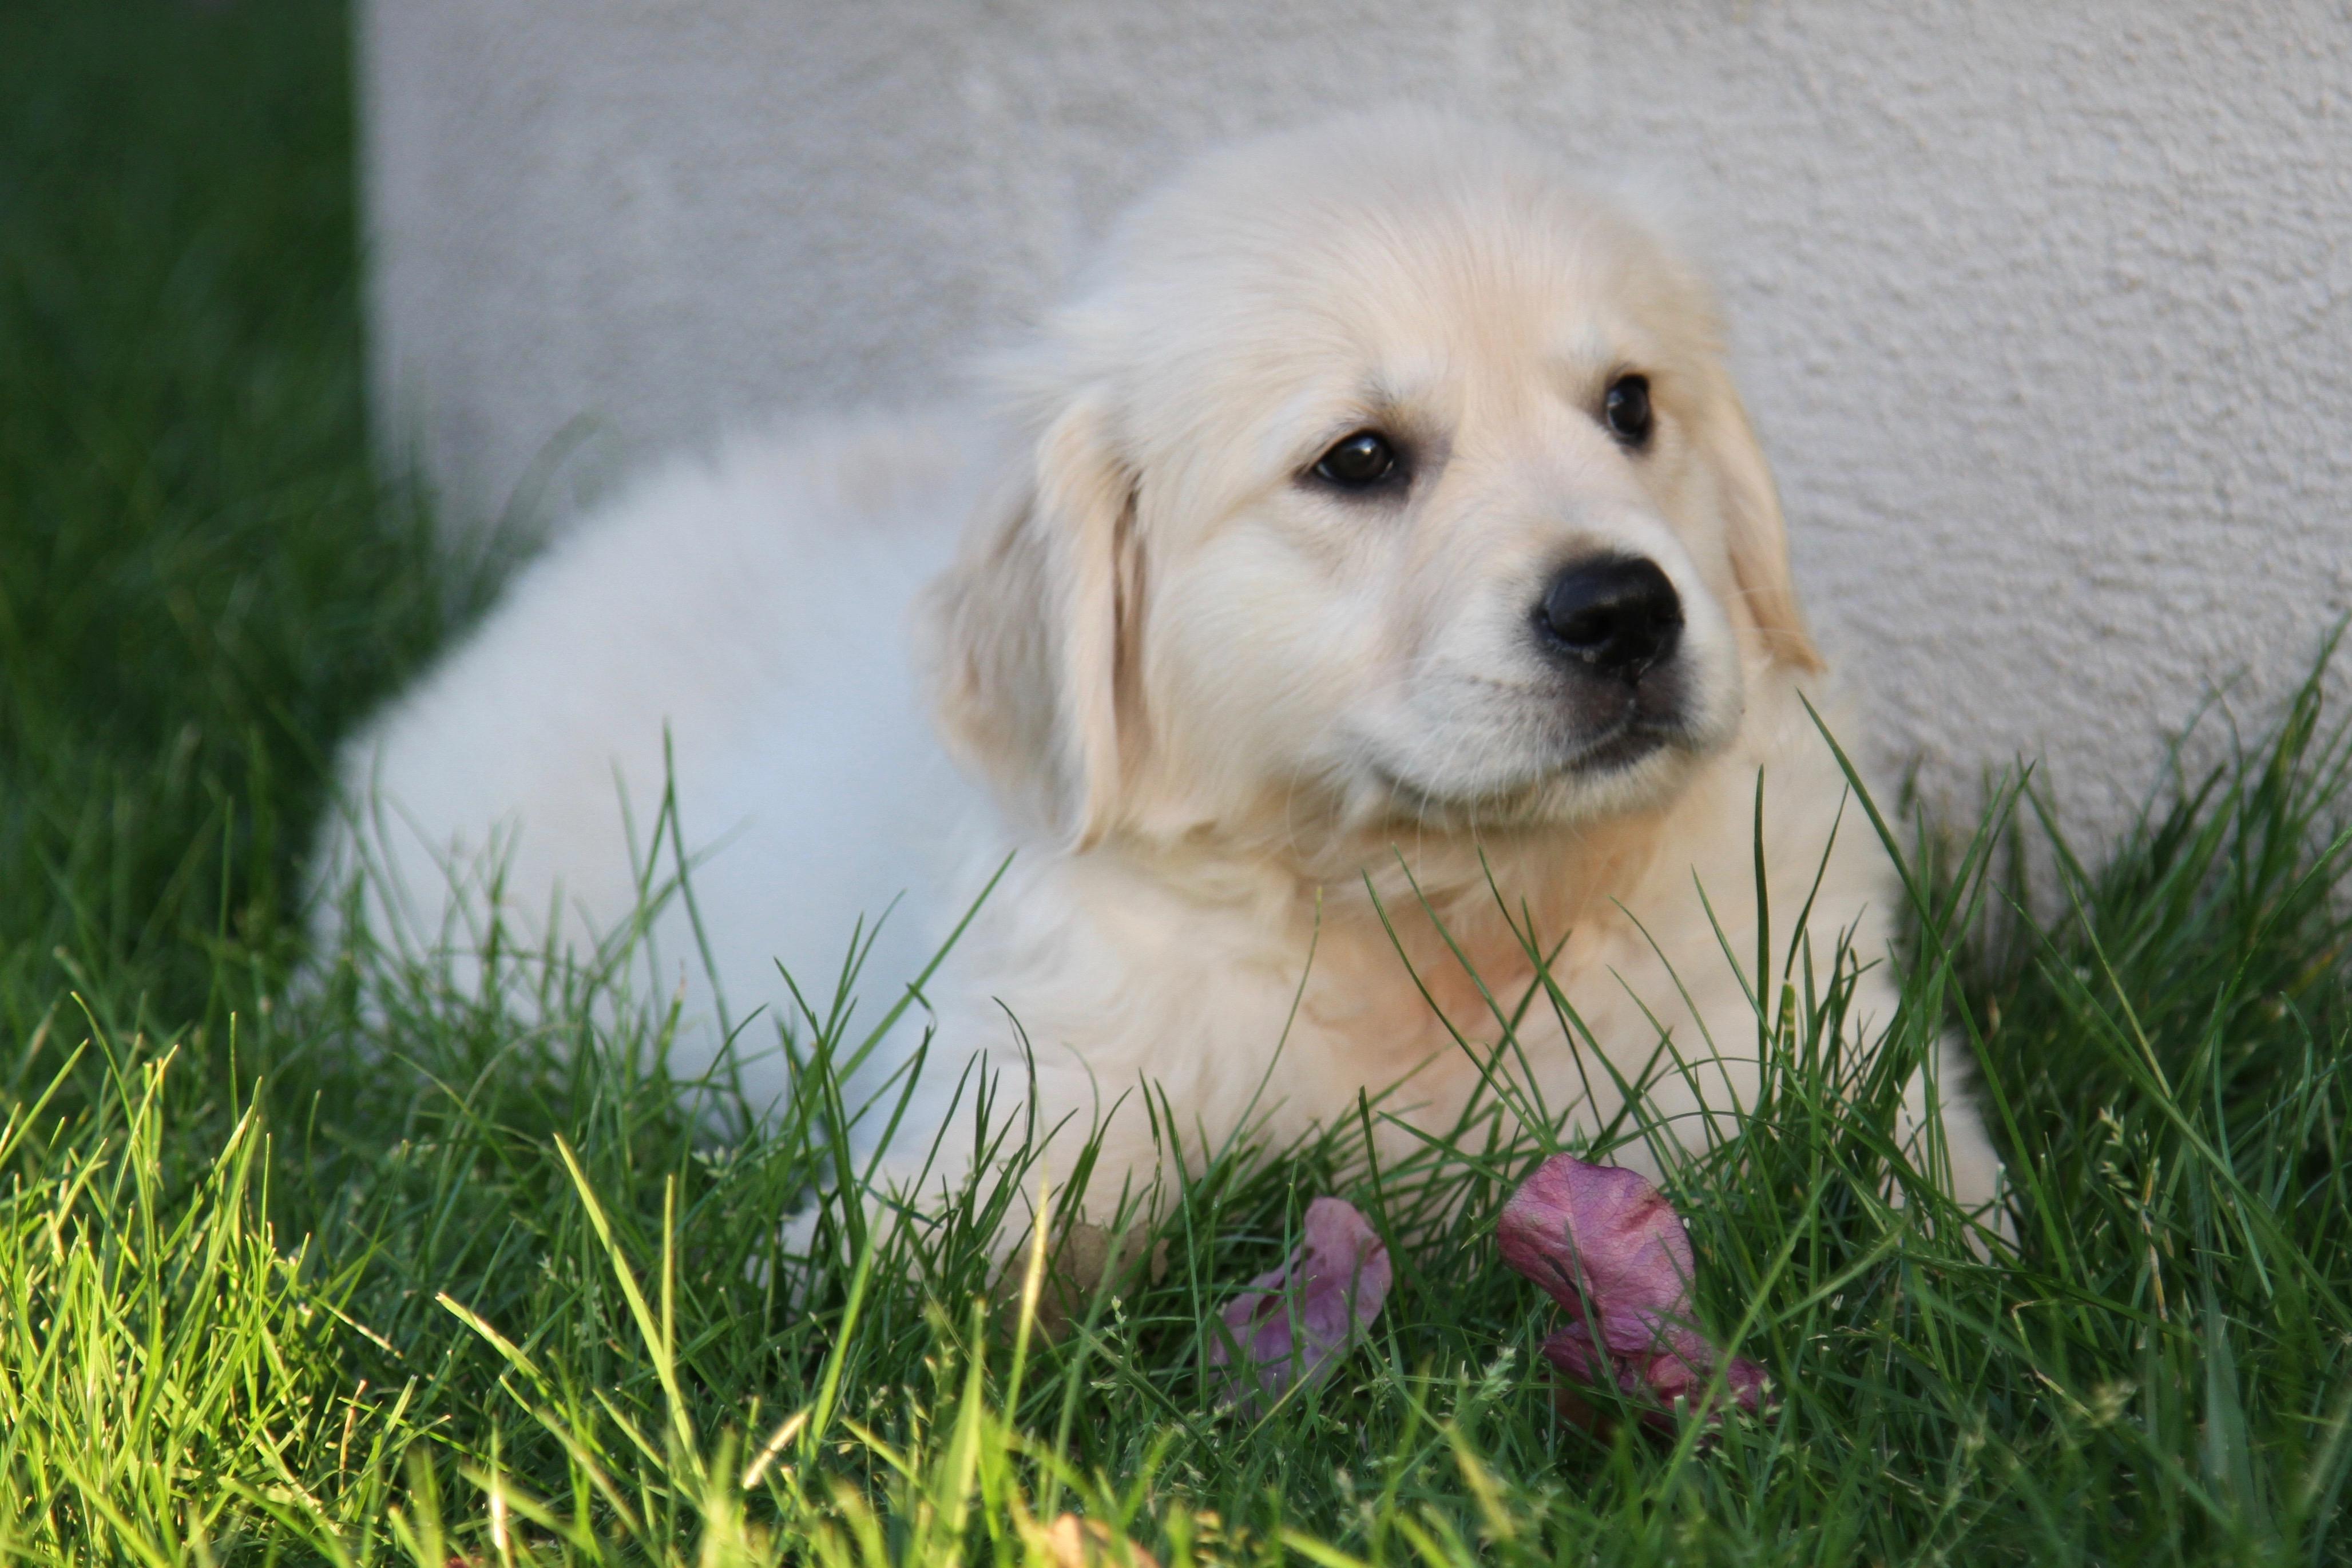 Puppy002 - 1